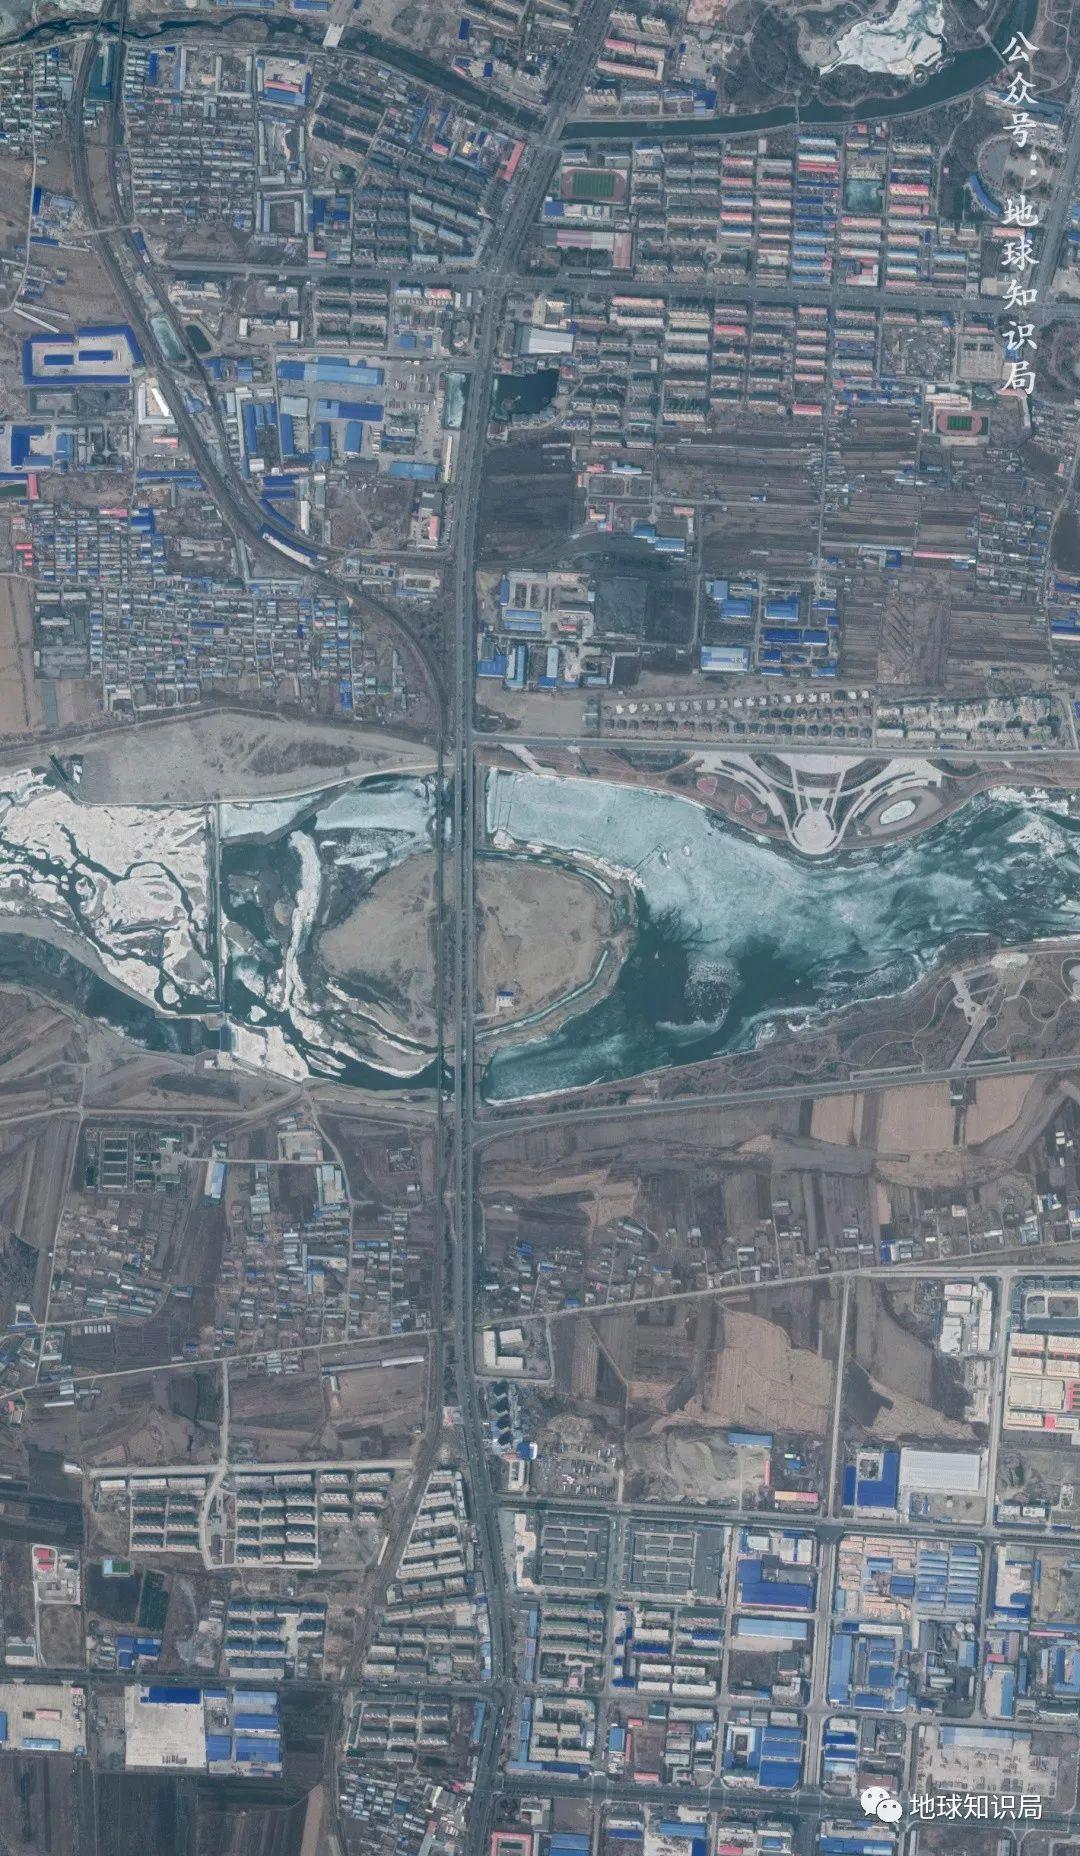 中国在日本海寻找出海口之1999图们江出海口事件最终结果竟这样!